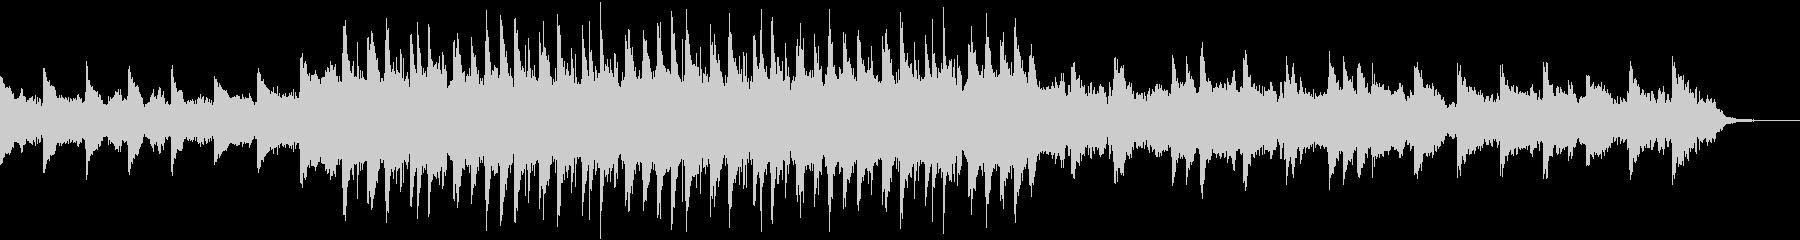 シンフォニックな6/8拍子の未再生の波形